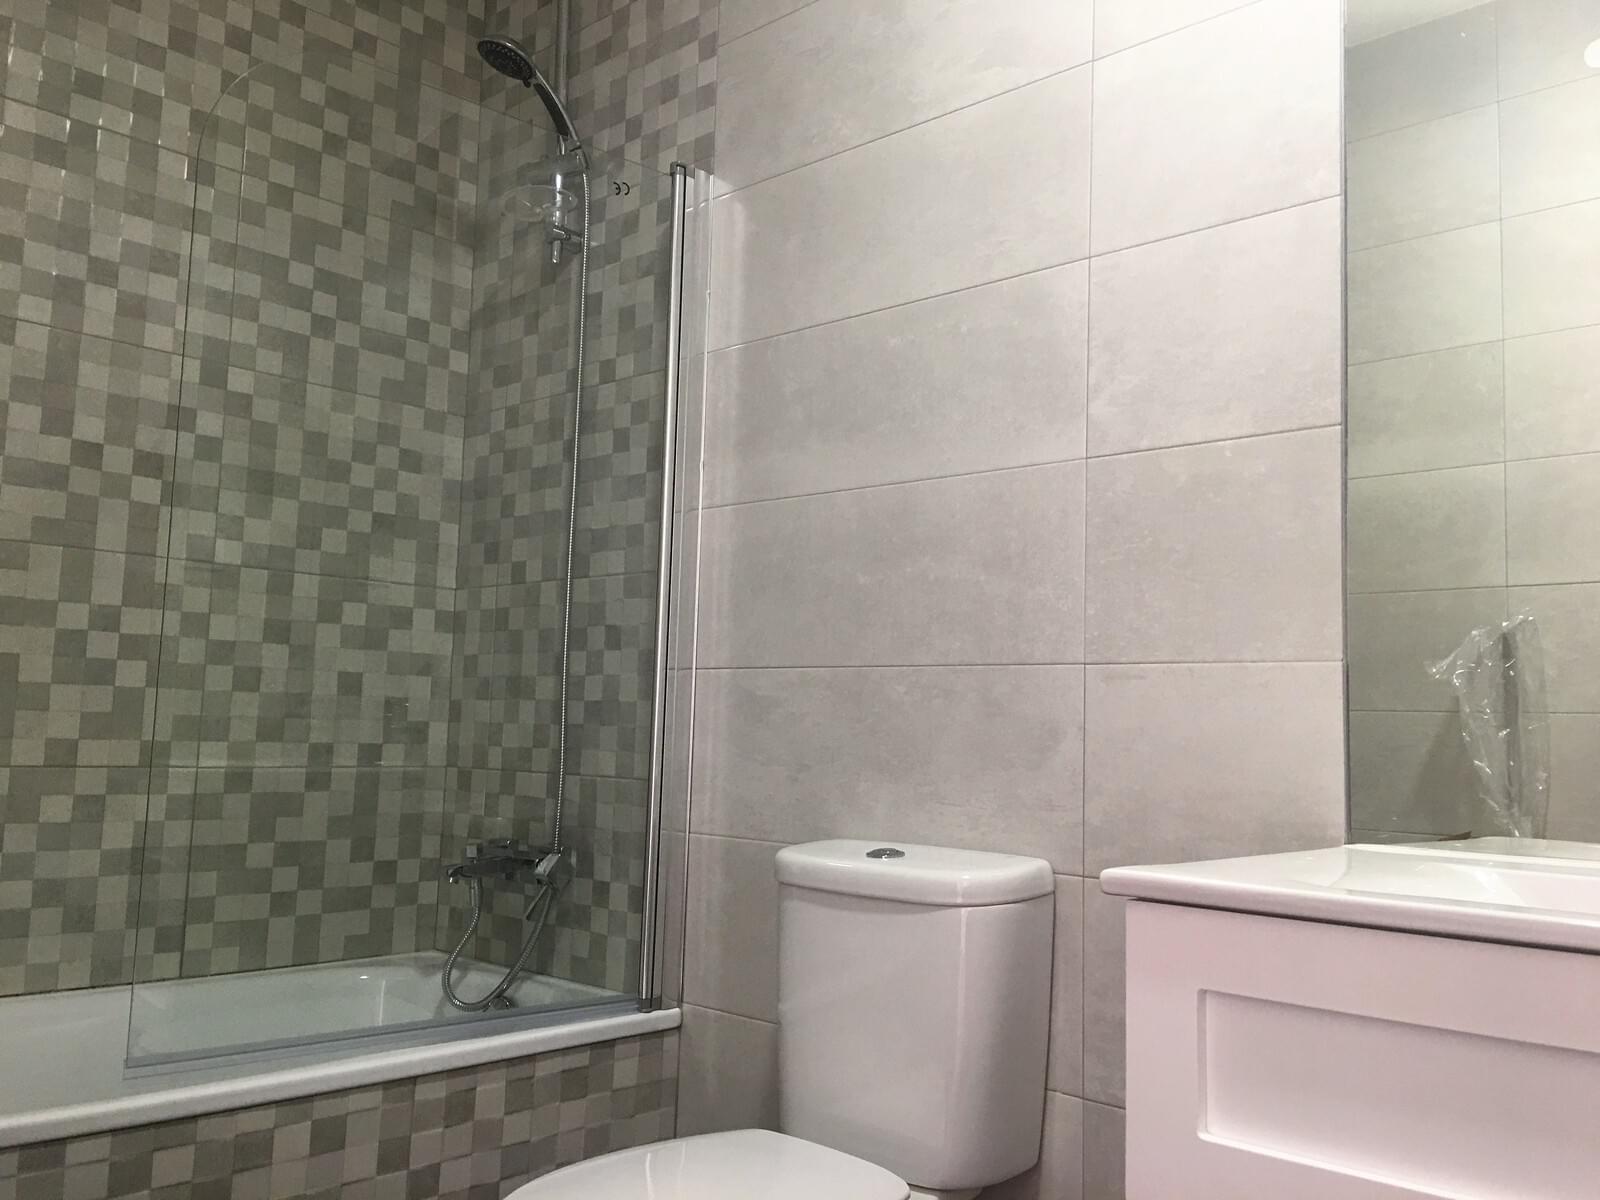 pf17642-apartamento-t3-lisboa-d45c761d-1130-4385-9948-e248be2c4e0c